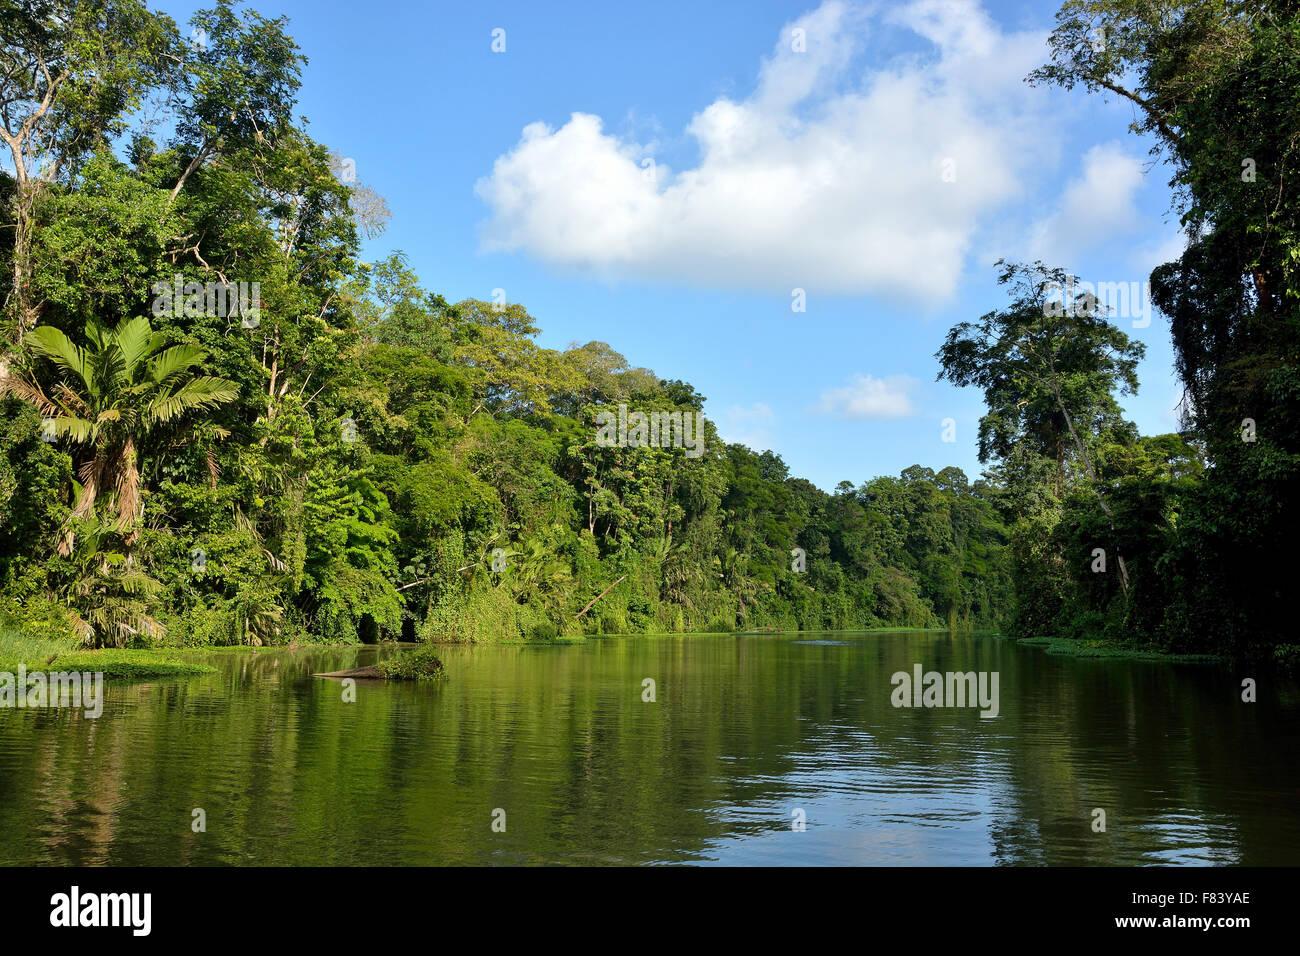 Landscape in Tortuguero National Park Costa Rica - Stock Image